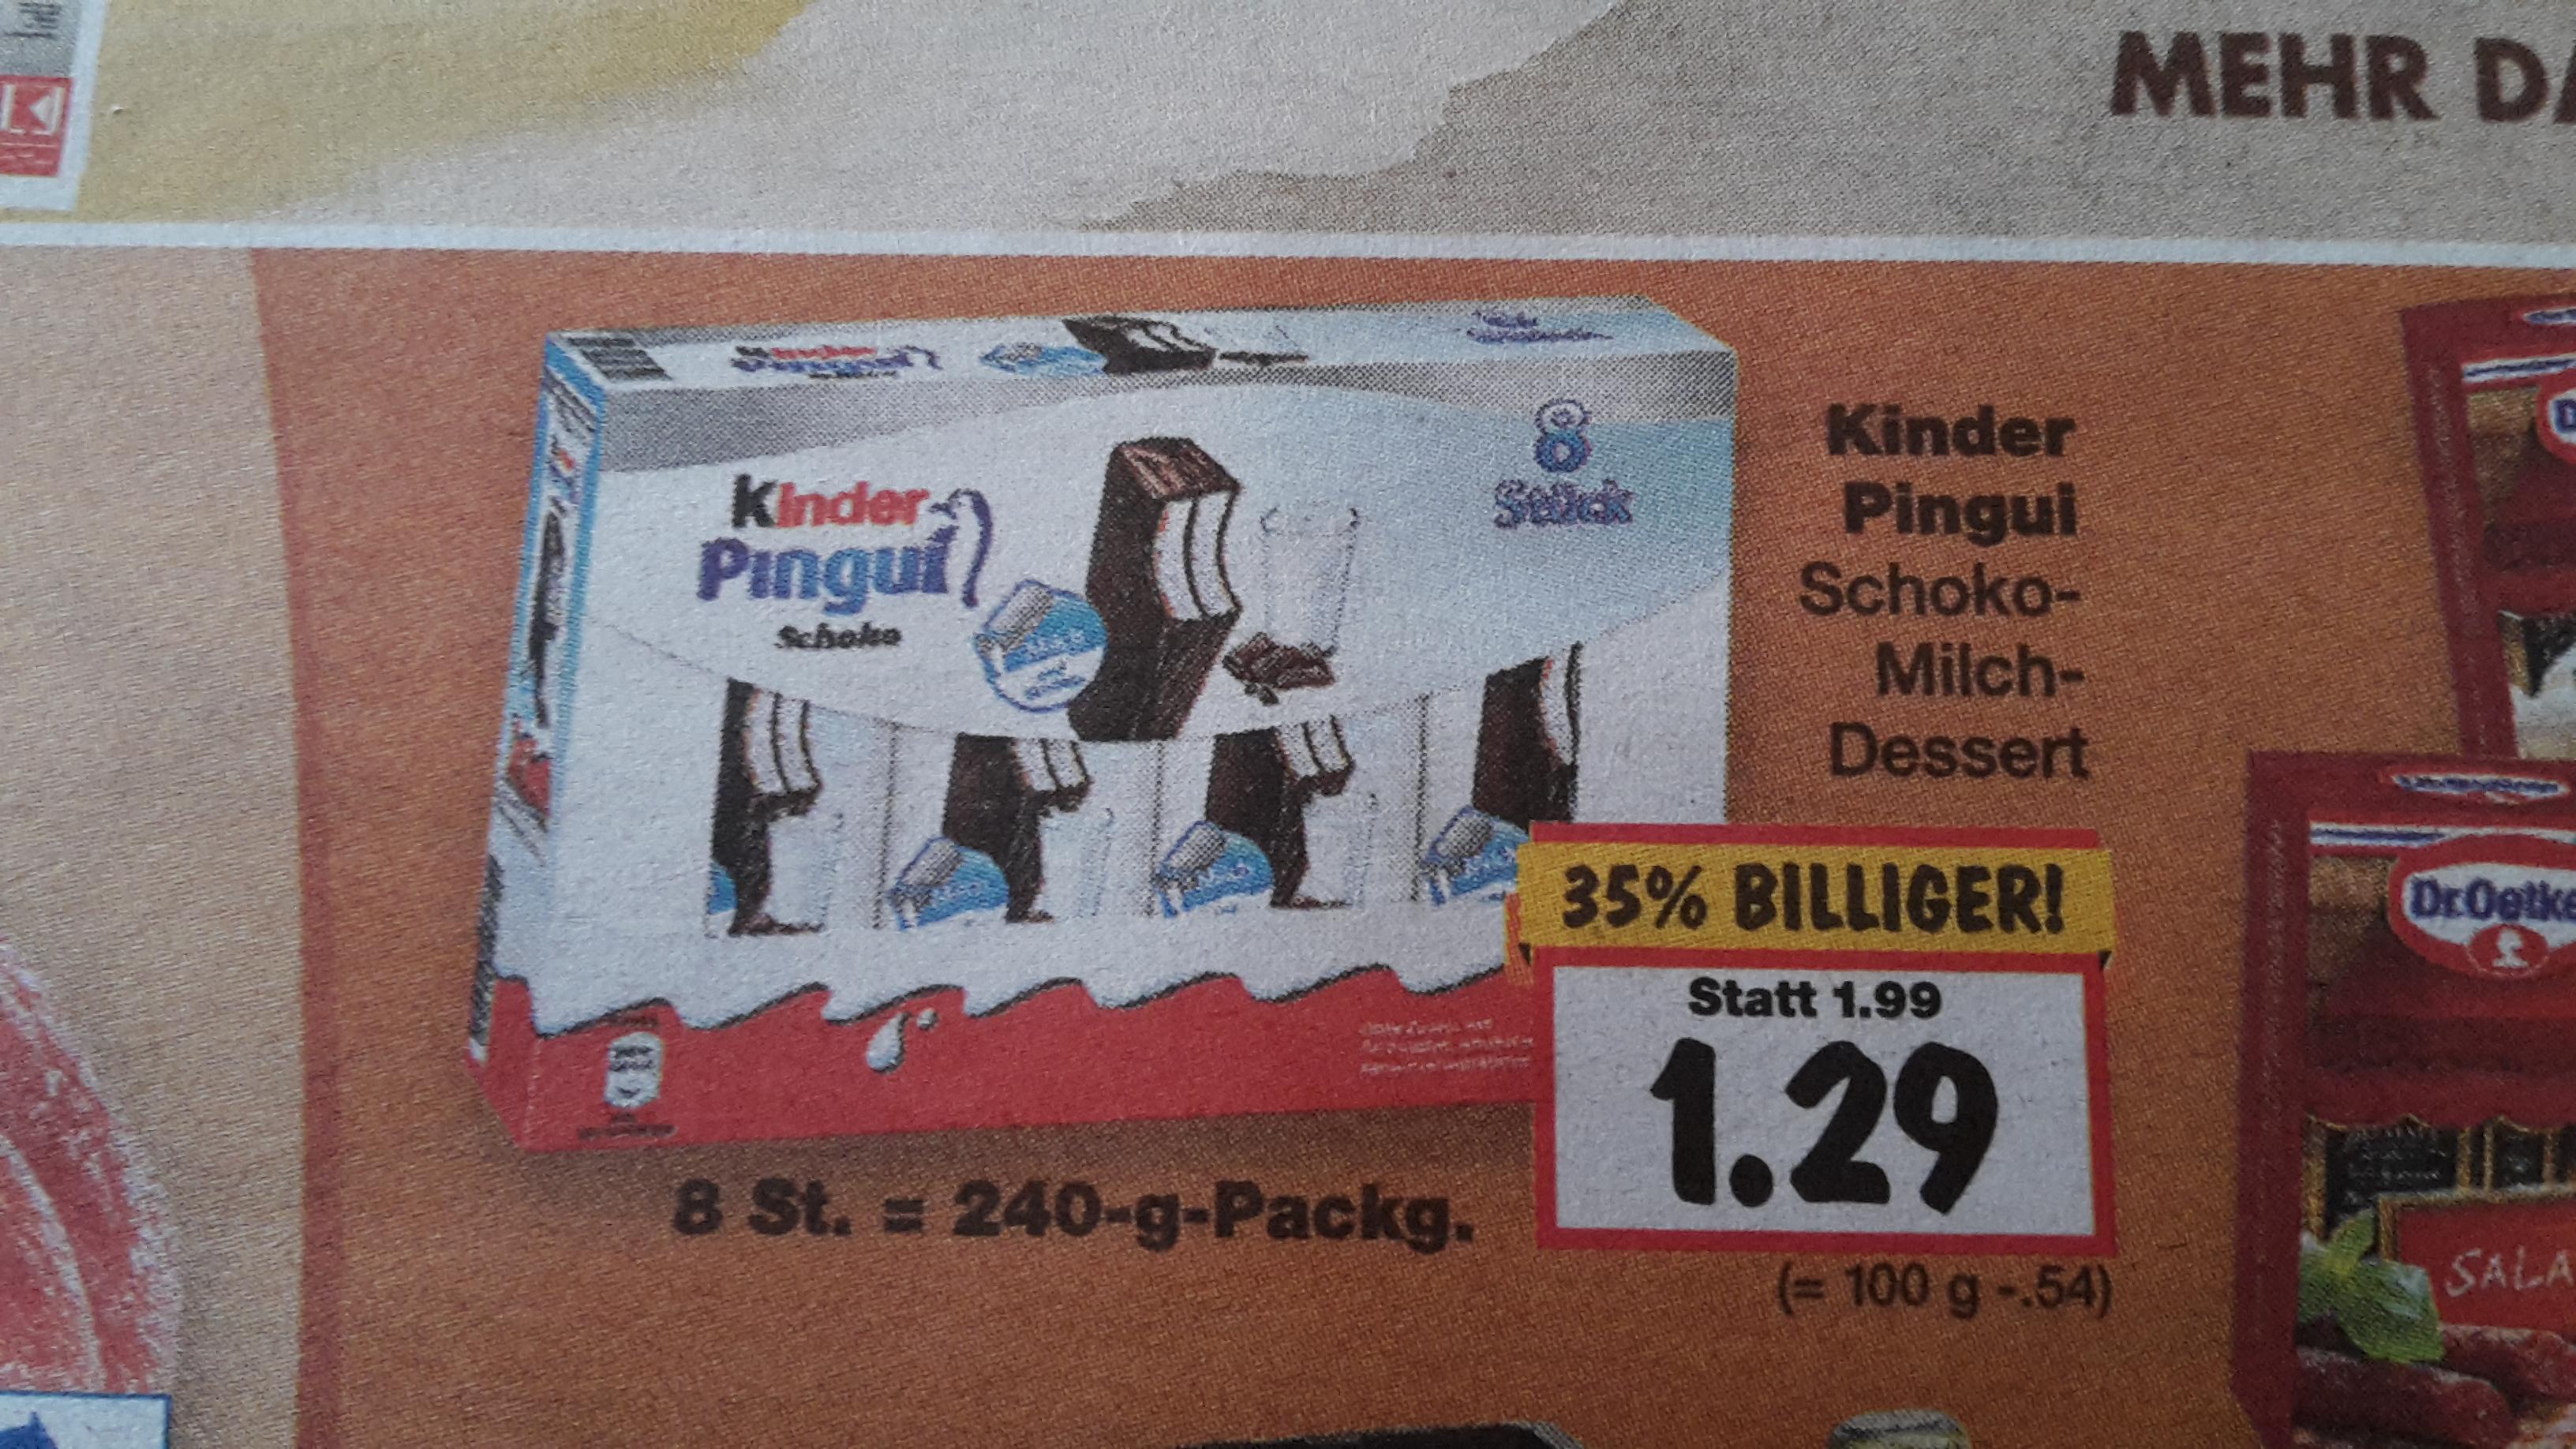 [Kaufland] Kinder Pingui 8er für 1,29€ abzüglich 0,50€ Cashback nur 0,79€